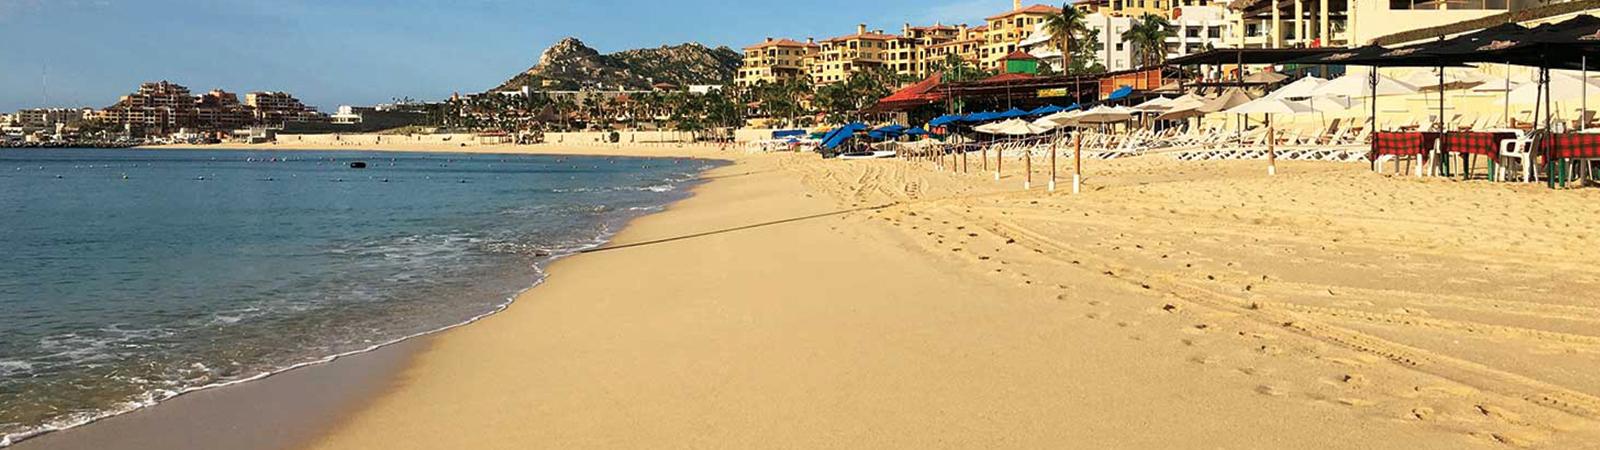 Medano Beach Cabo